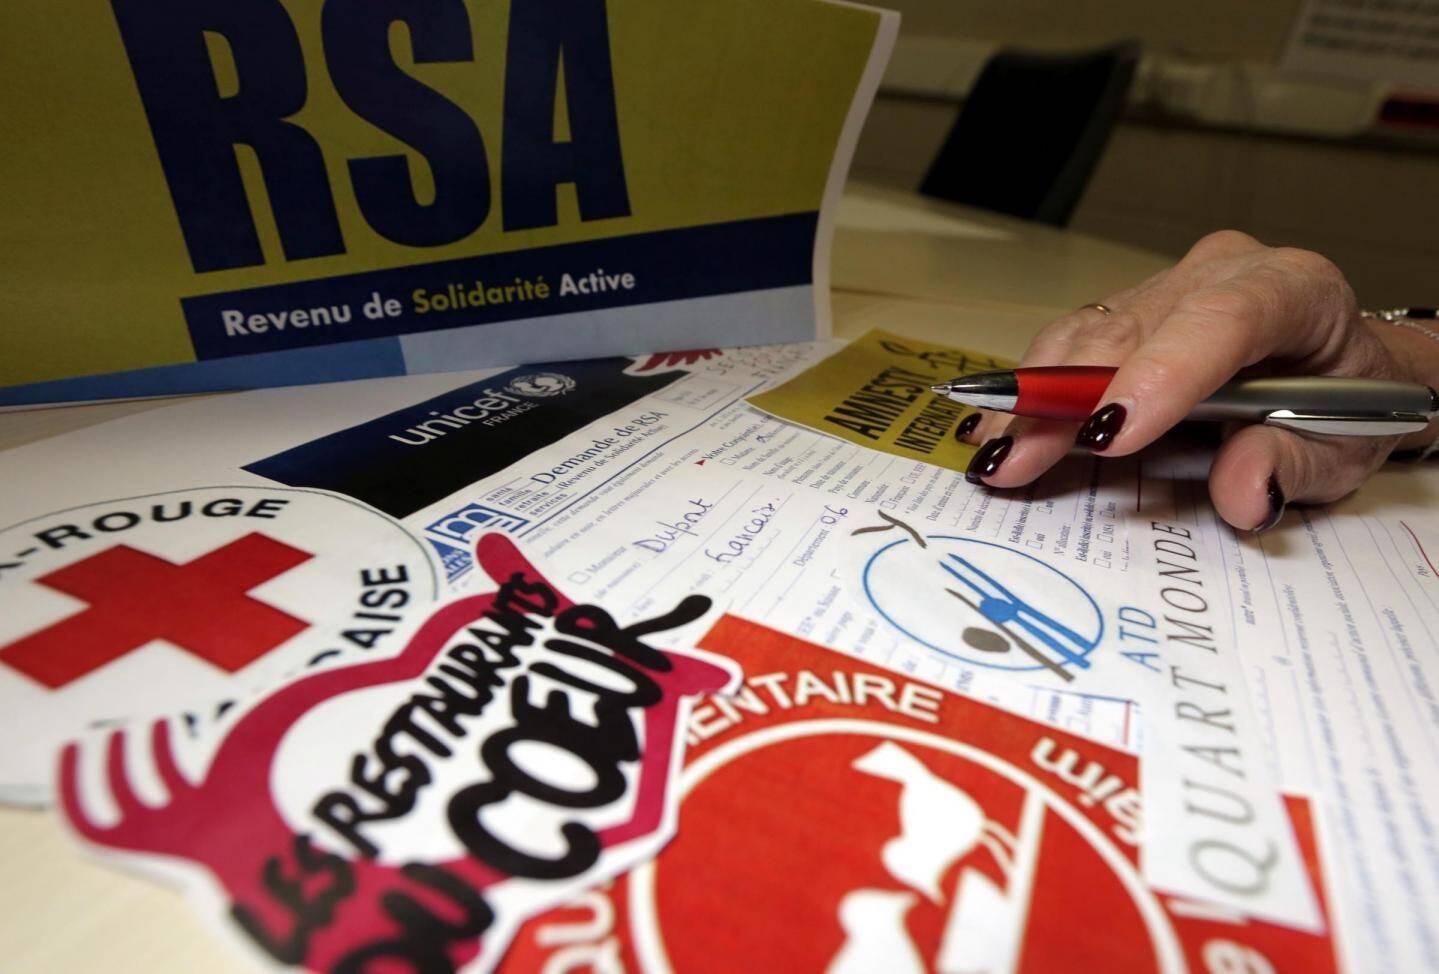 Faire sa demande de RSA, une démarche déjà traumatisante.